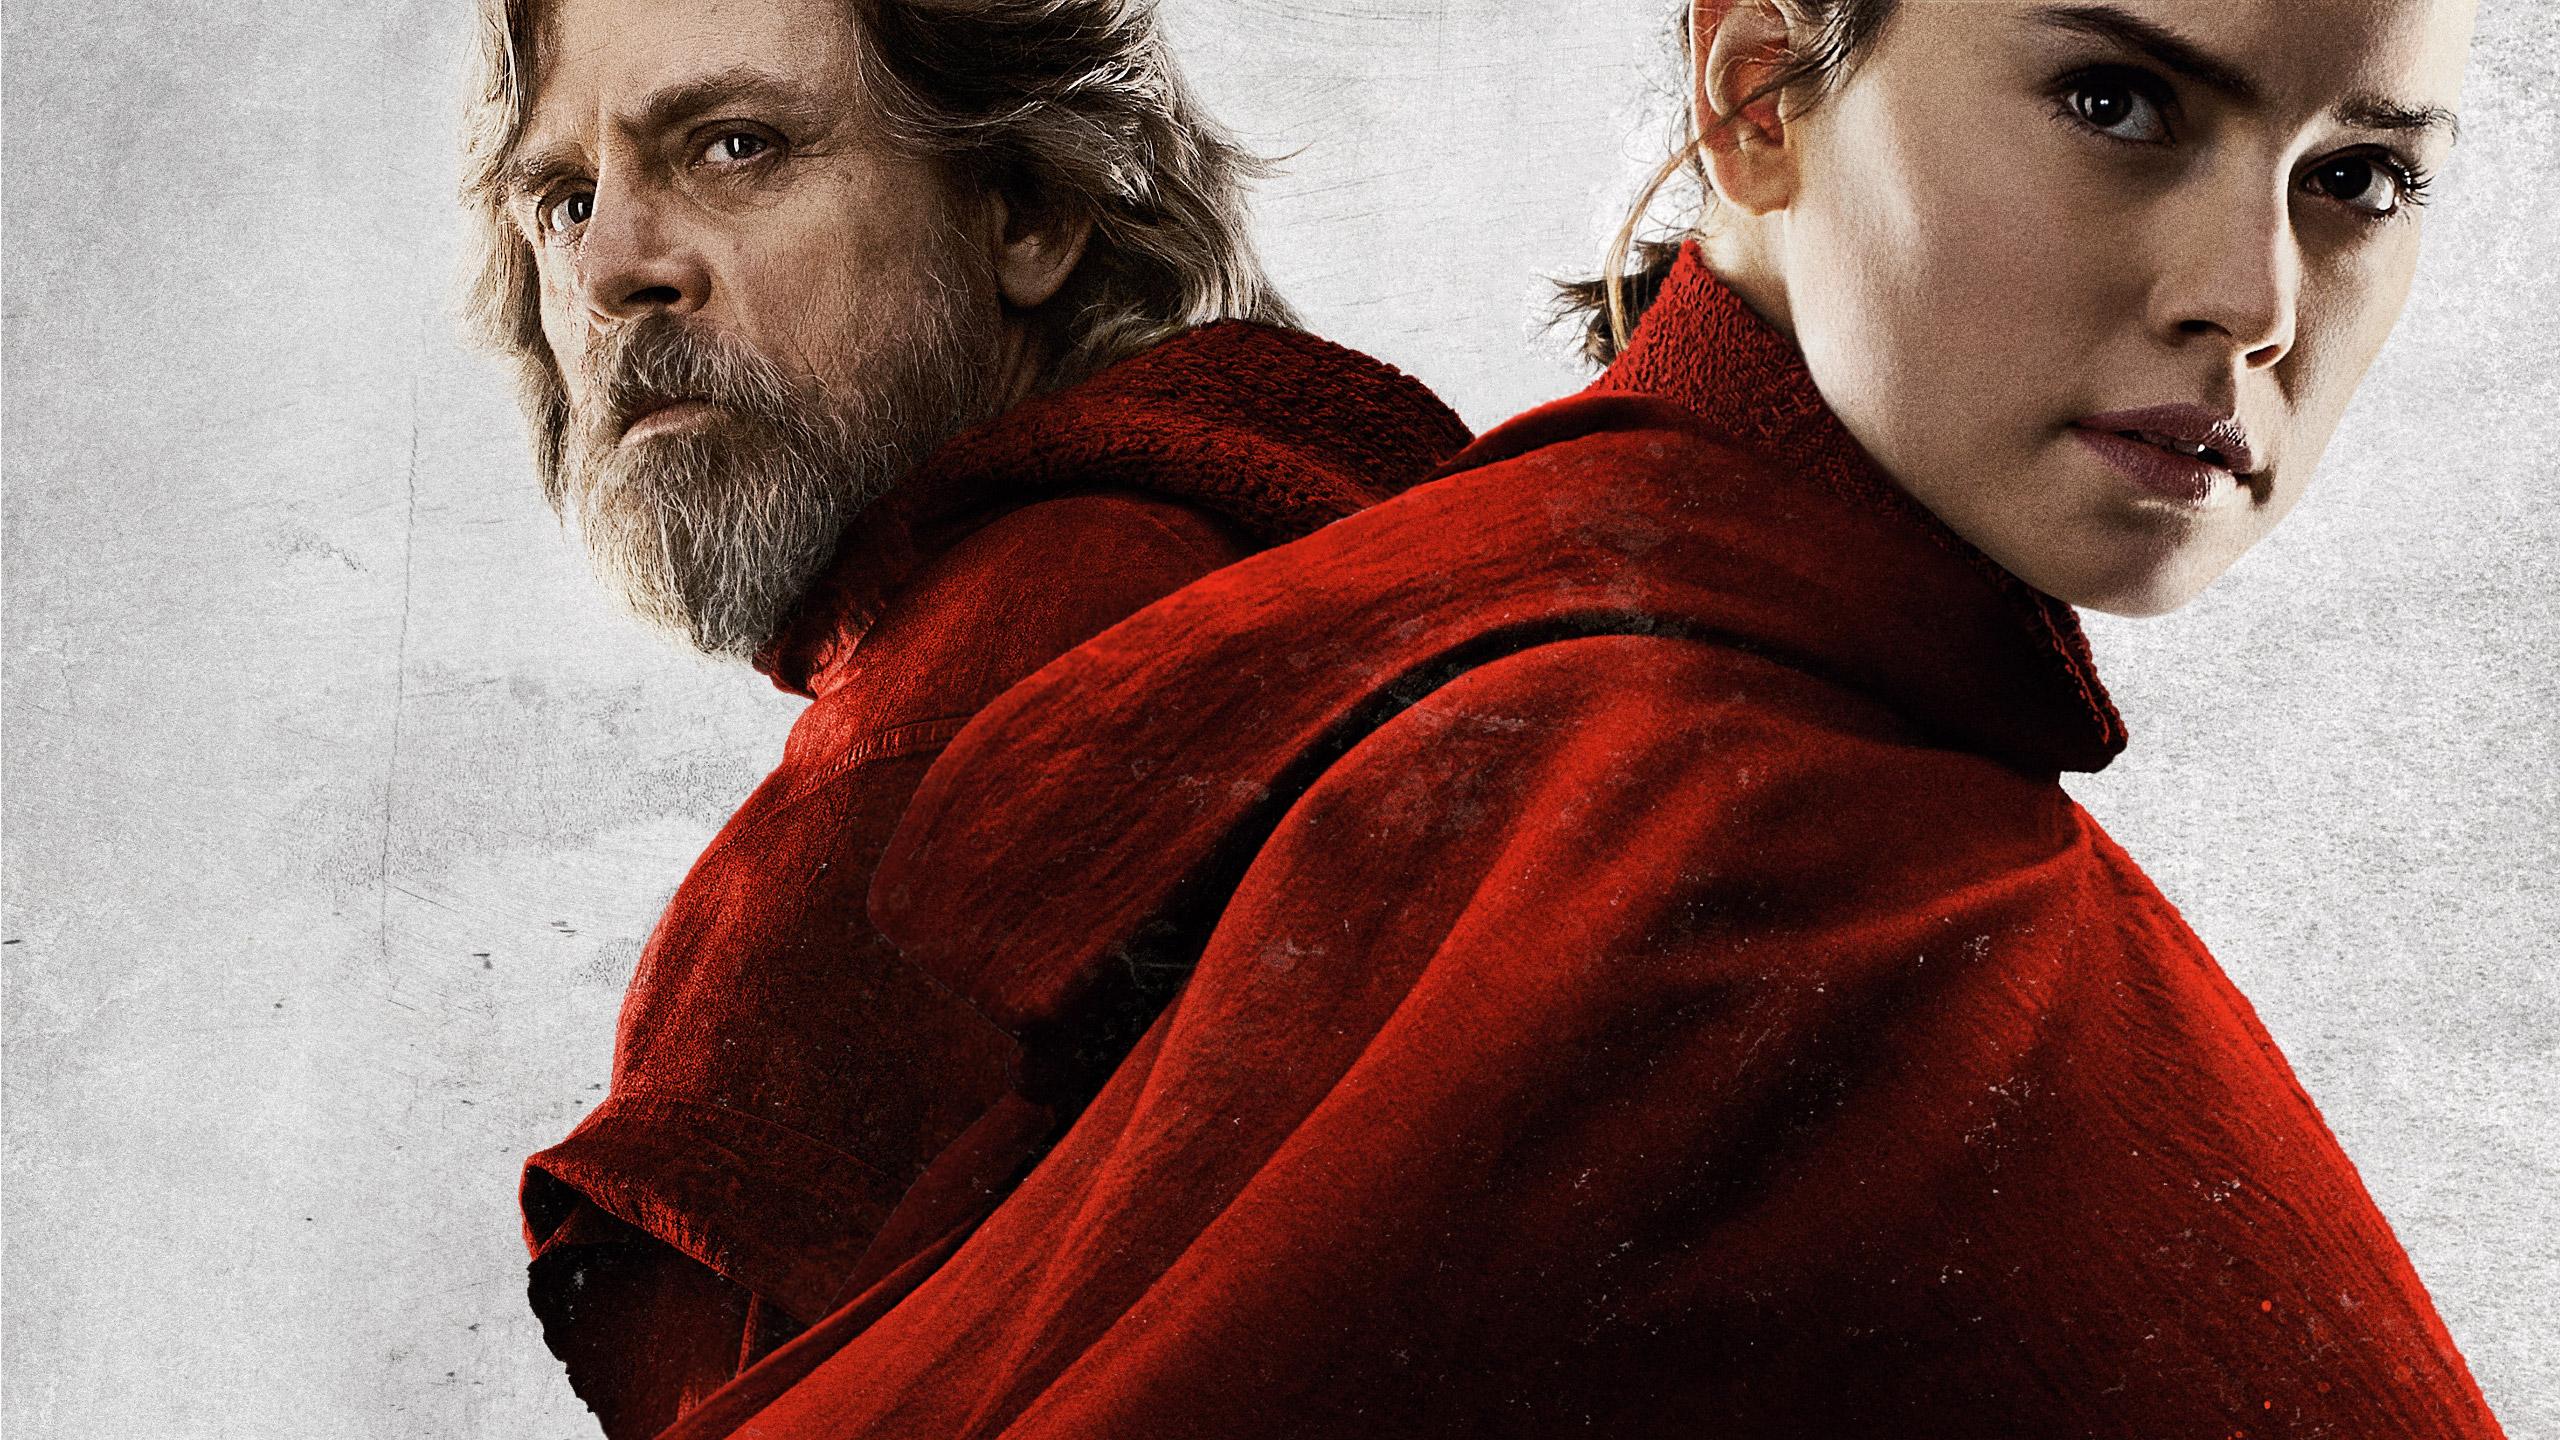 Rey And Luke Skywalker In Star Wars The Last Jedi 2017 Hd